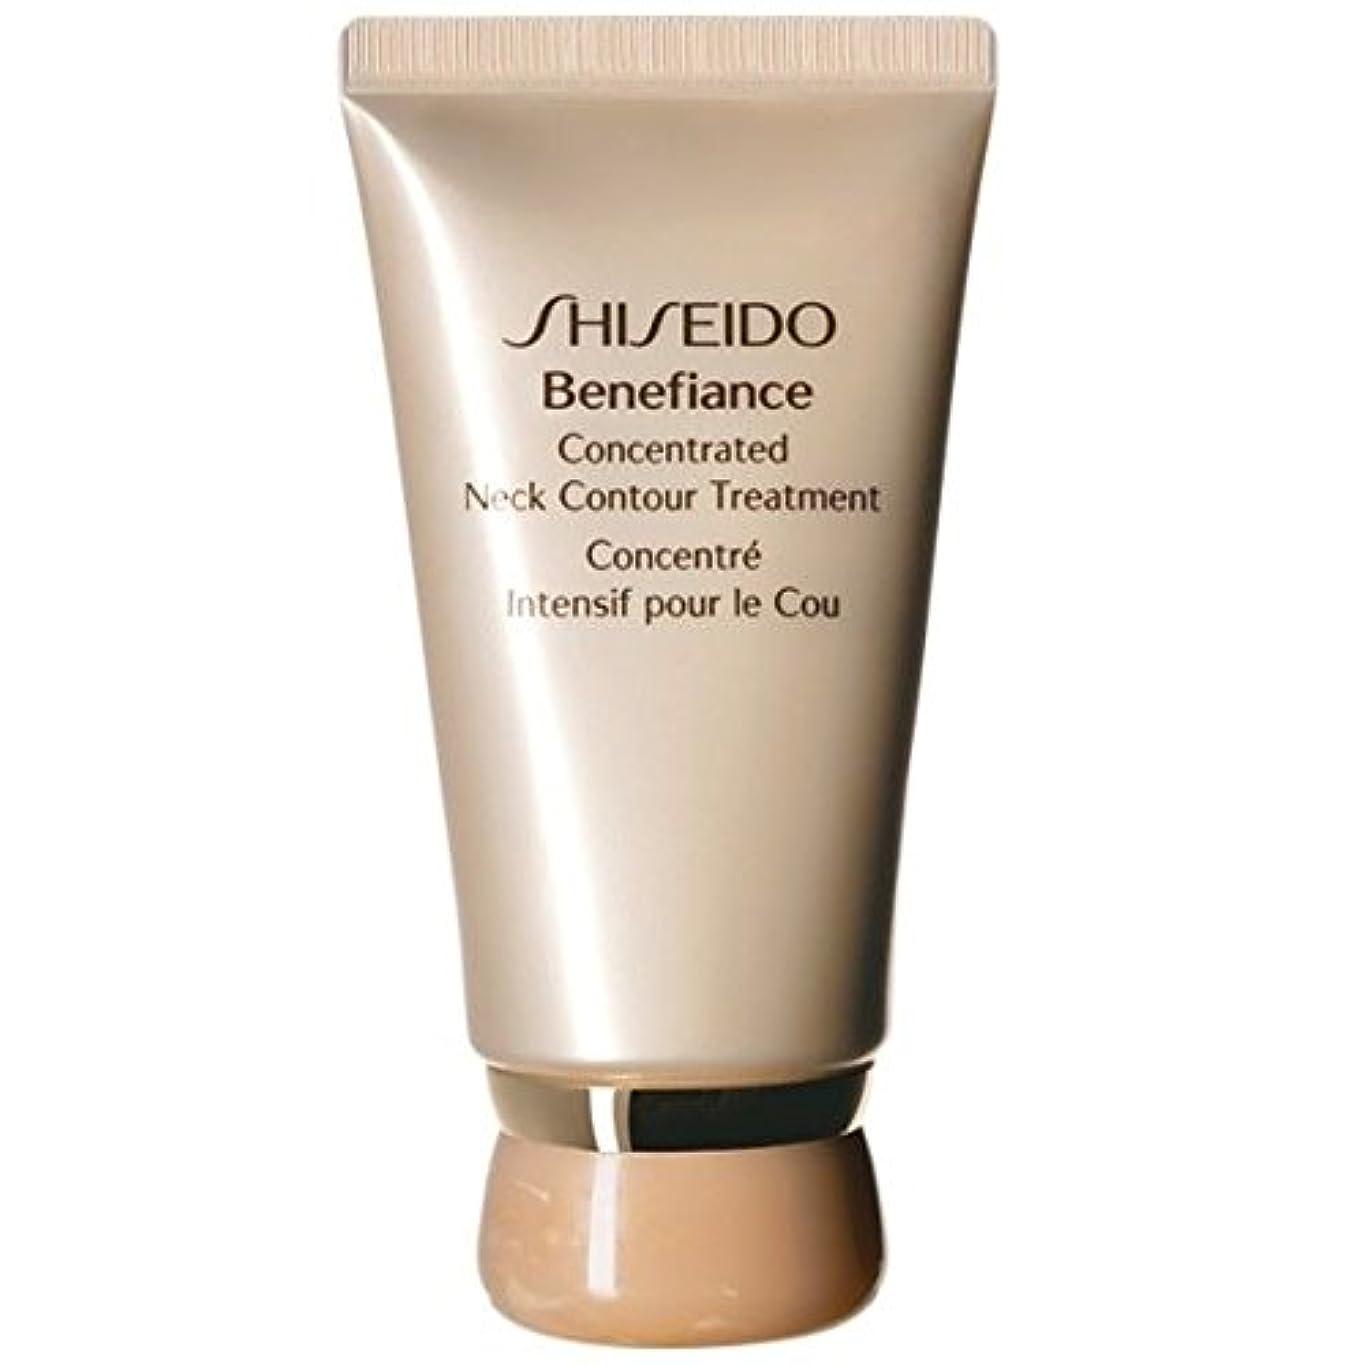 不忠植物学者テレマコス[Shiseido] 資生堂ベネフィアンス濃縮ネック輪郭処理50ミリリットル - Shiseido Benefiance Concentrated Neck Contour Treatment 50ml [並行輸入品]